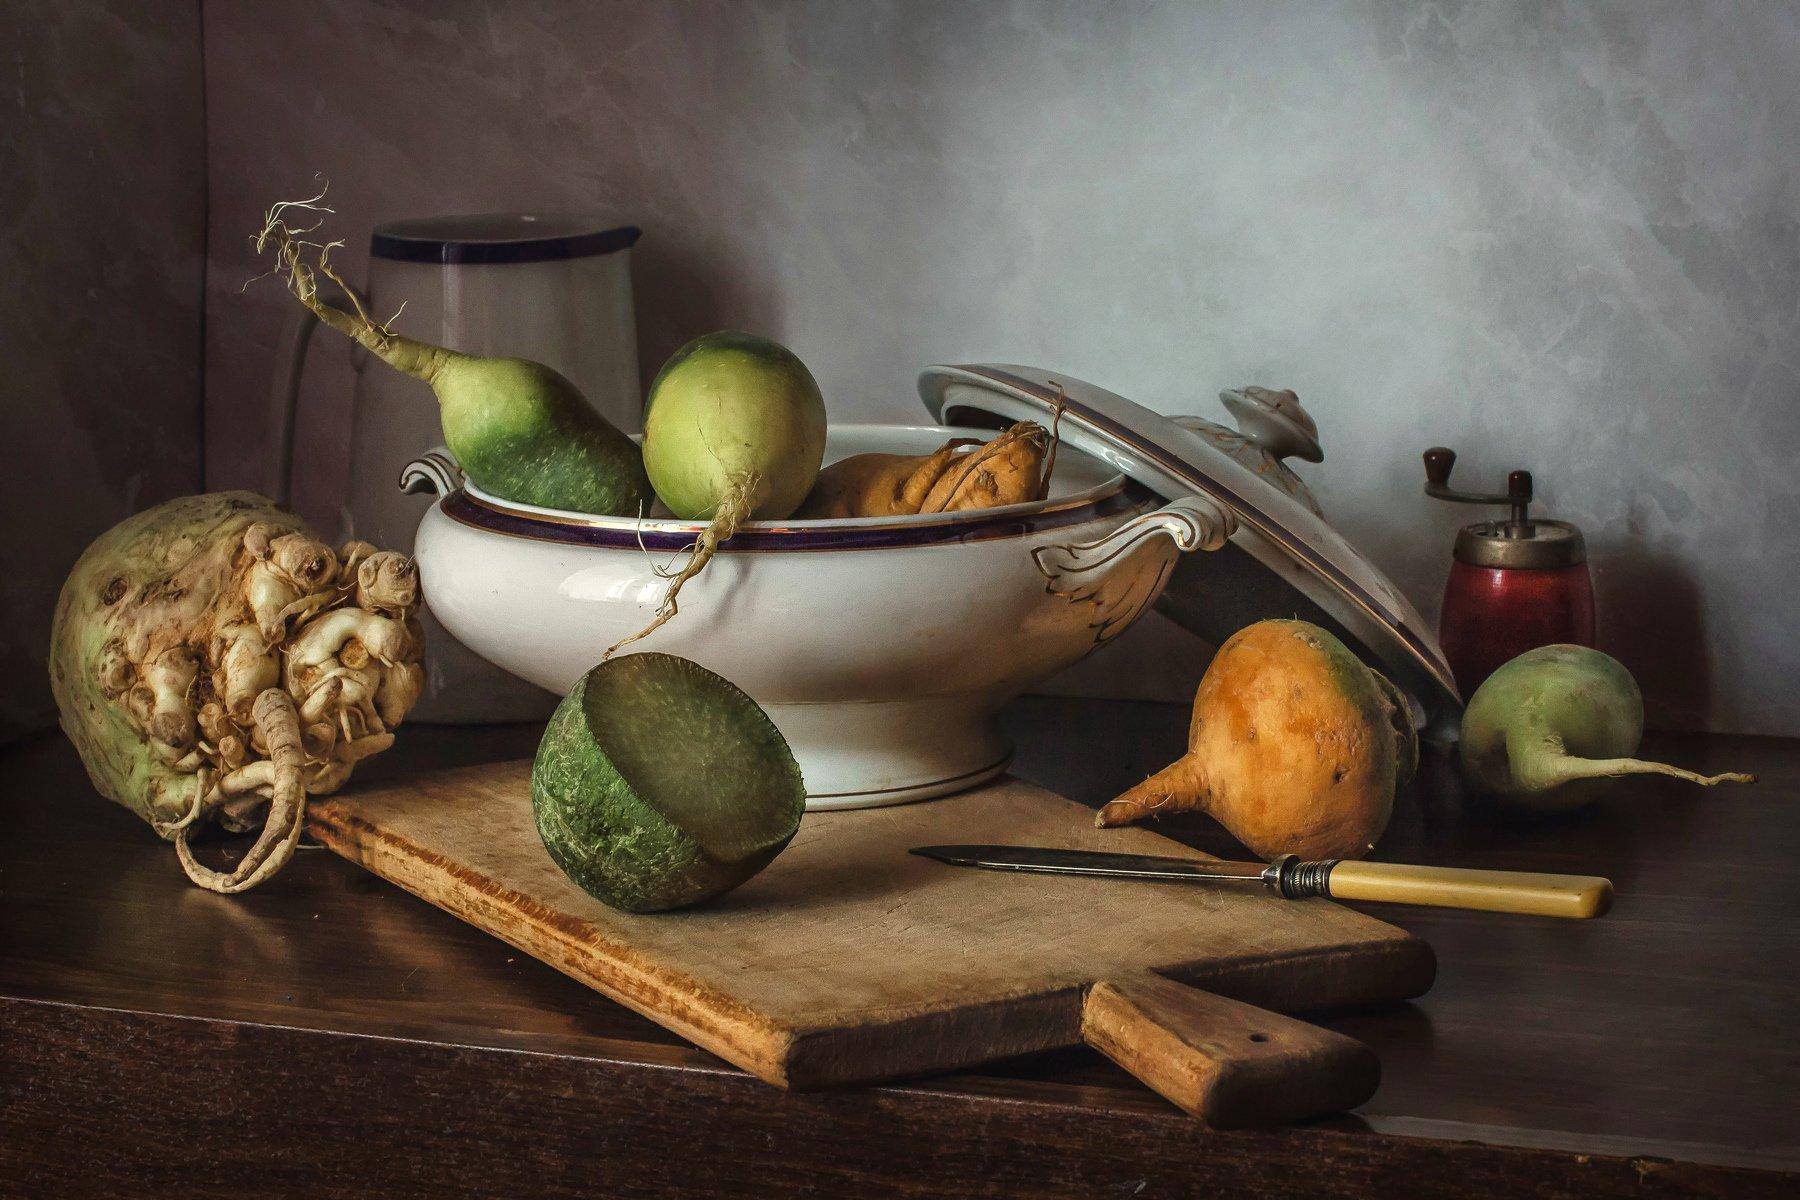 натюрморт, фарфор, овощи, сельдерей, редька, репа, Анна Петина